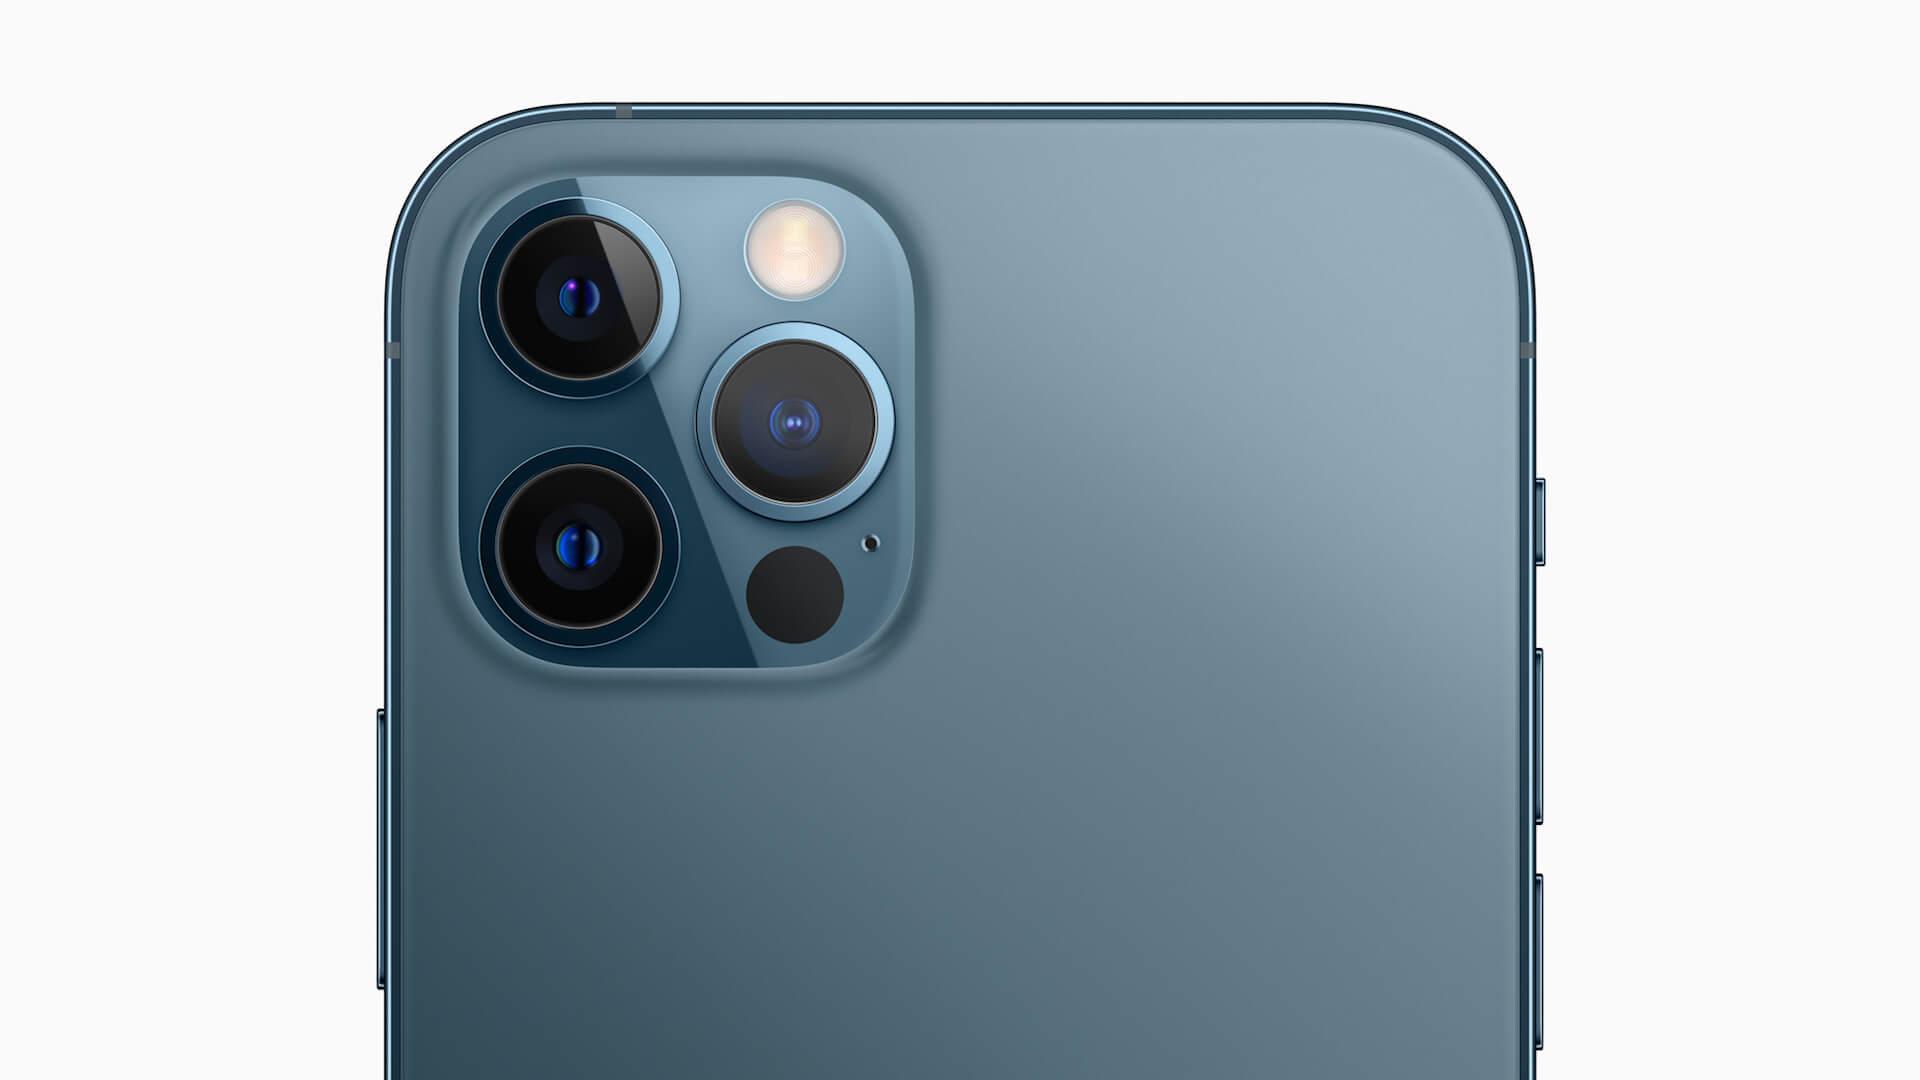 5G対応のiPhone 12シリーズがついに発表!新デザイン、A14 Bionicチップ、MagSafeなど特長をおさらい tech201014_iphone12_7